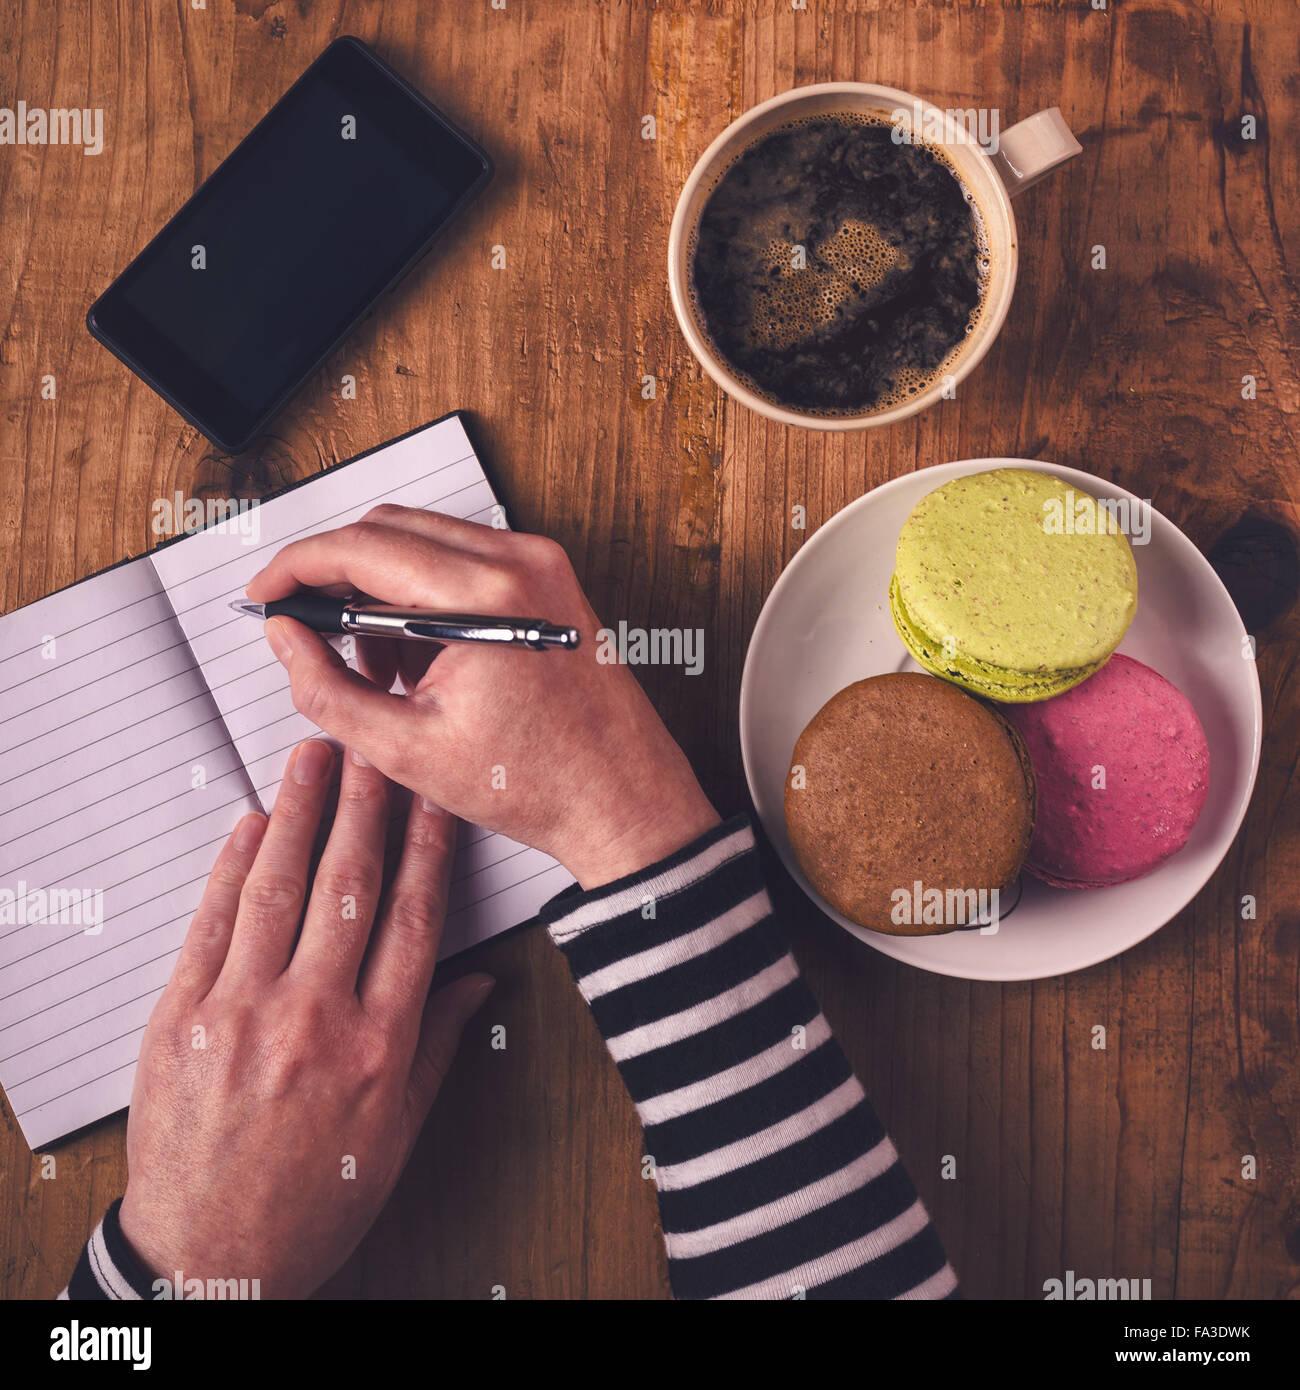 Mujer escribiendo en el portátil durante el desayuno, vista superior de manos femeninas con lápiz, taza de café, teléfono móvil y macaron cookie Foto de stock